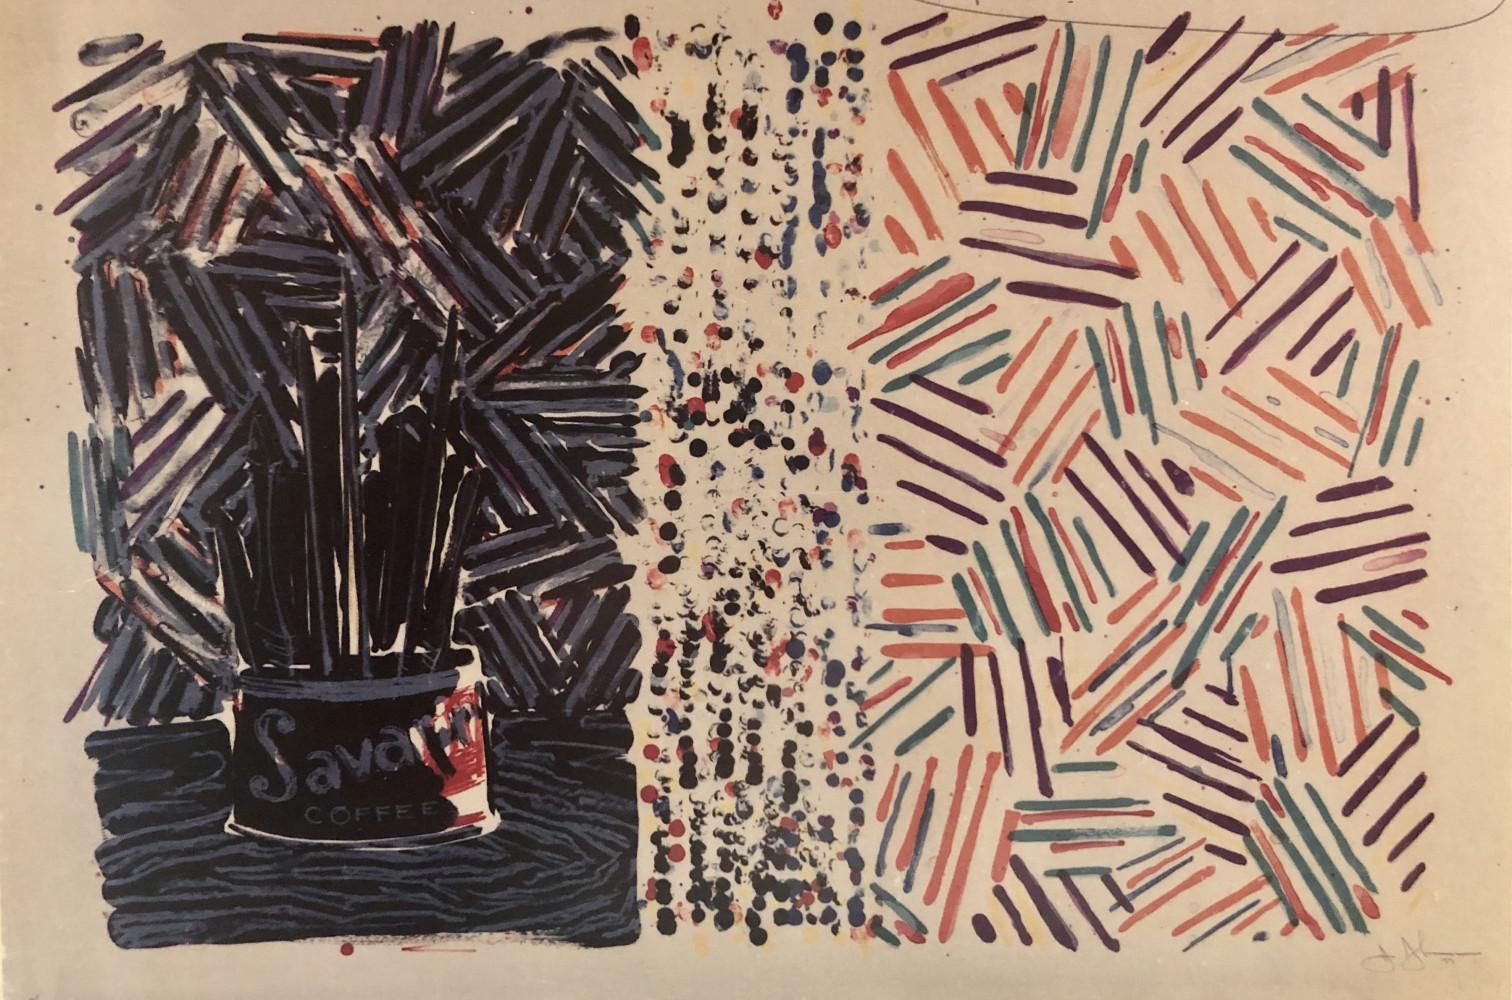 Untitled (Fields 258) by Jasper Johns